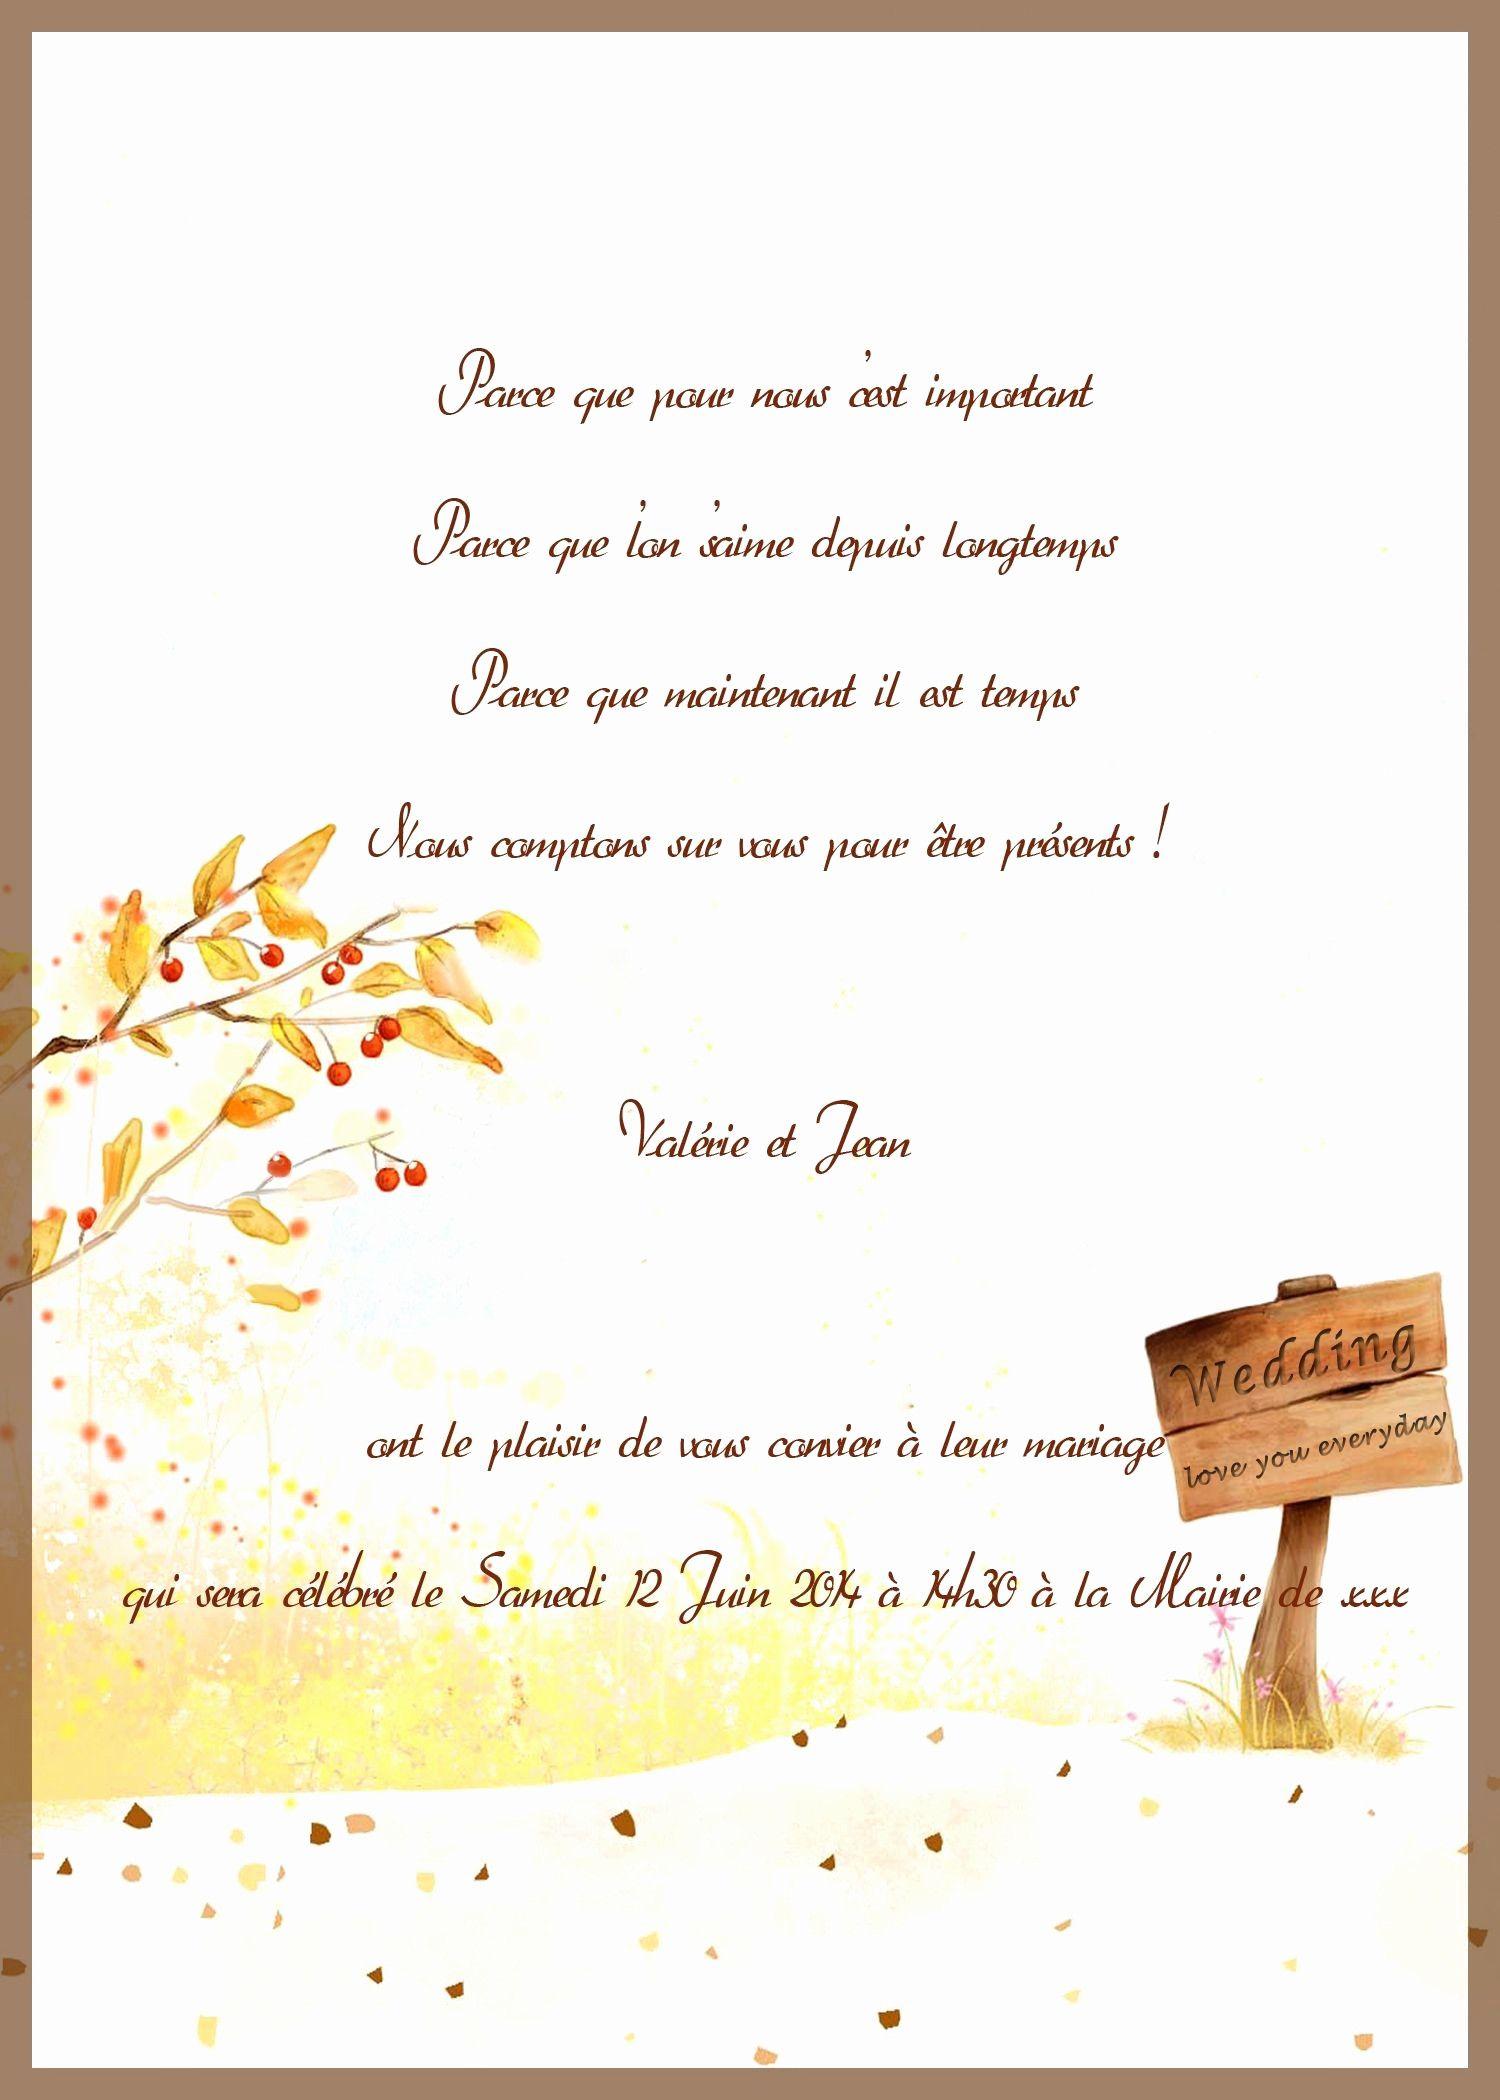 Carte Felicitation Mariage Humour Awesome Carte Invitation Retraite Humoristique Gratuit Texte Faire Part Mariage Texte Felicitation Mariage Faire Part Mariage